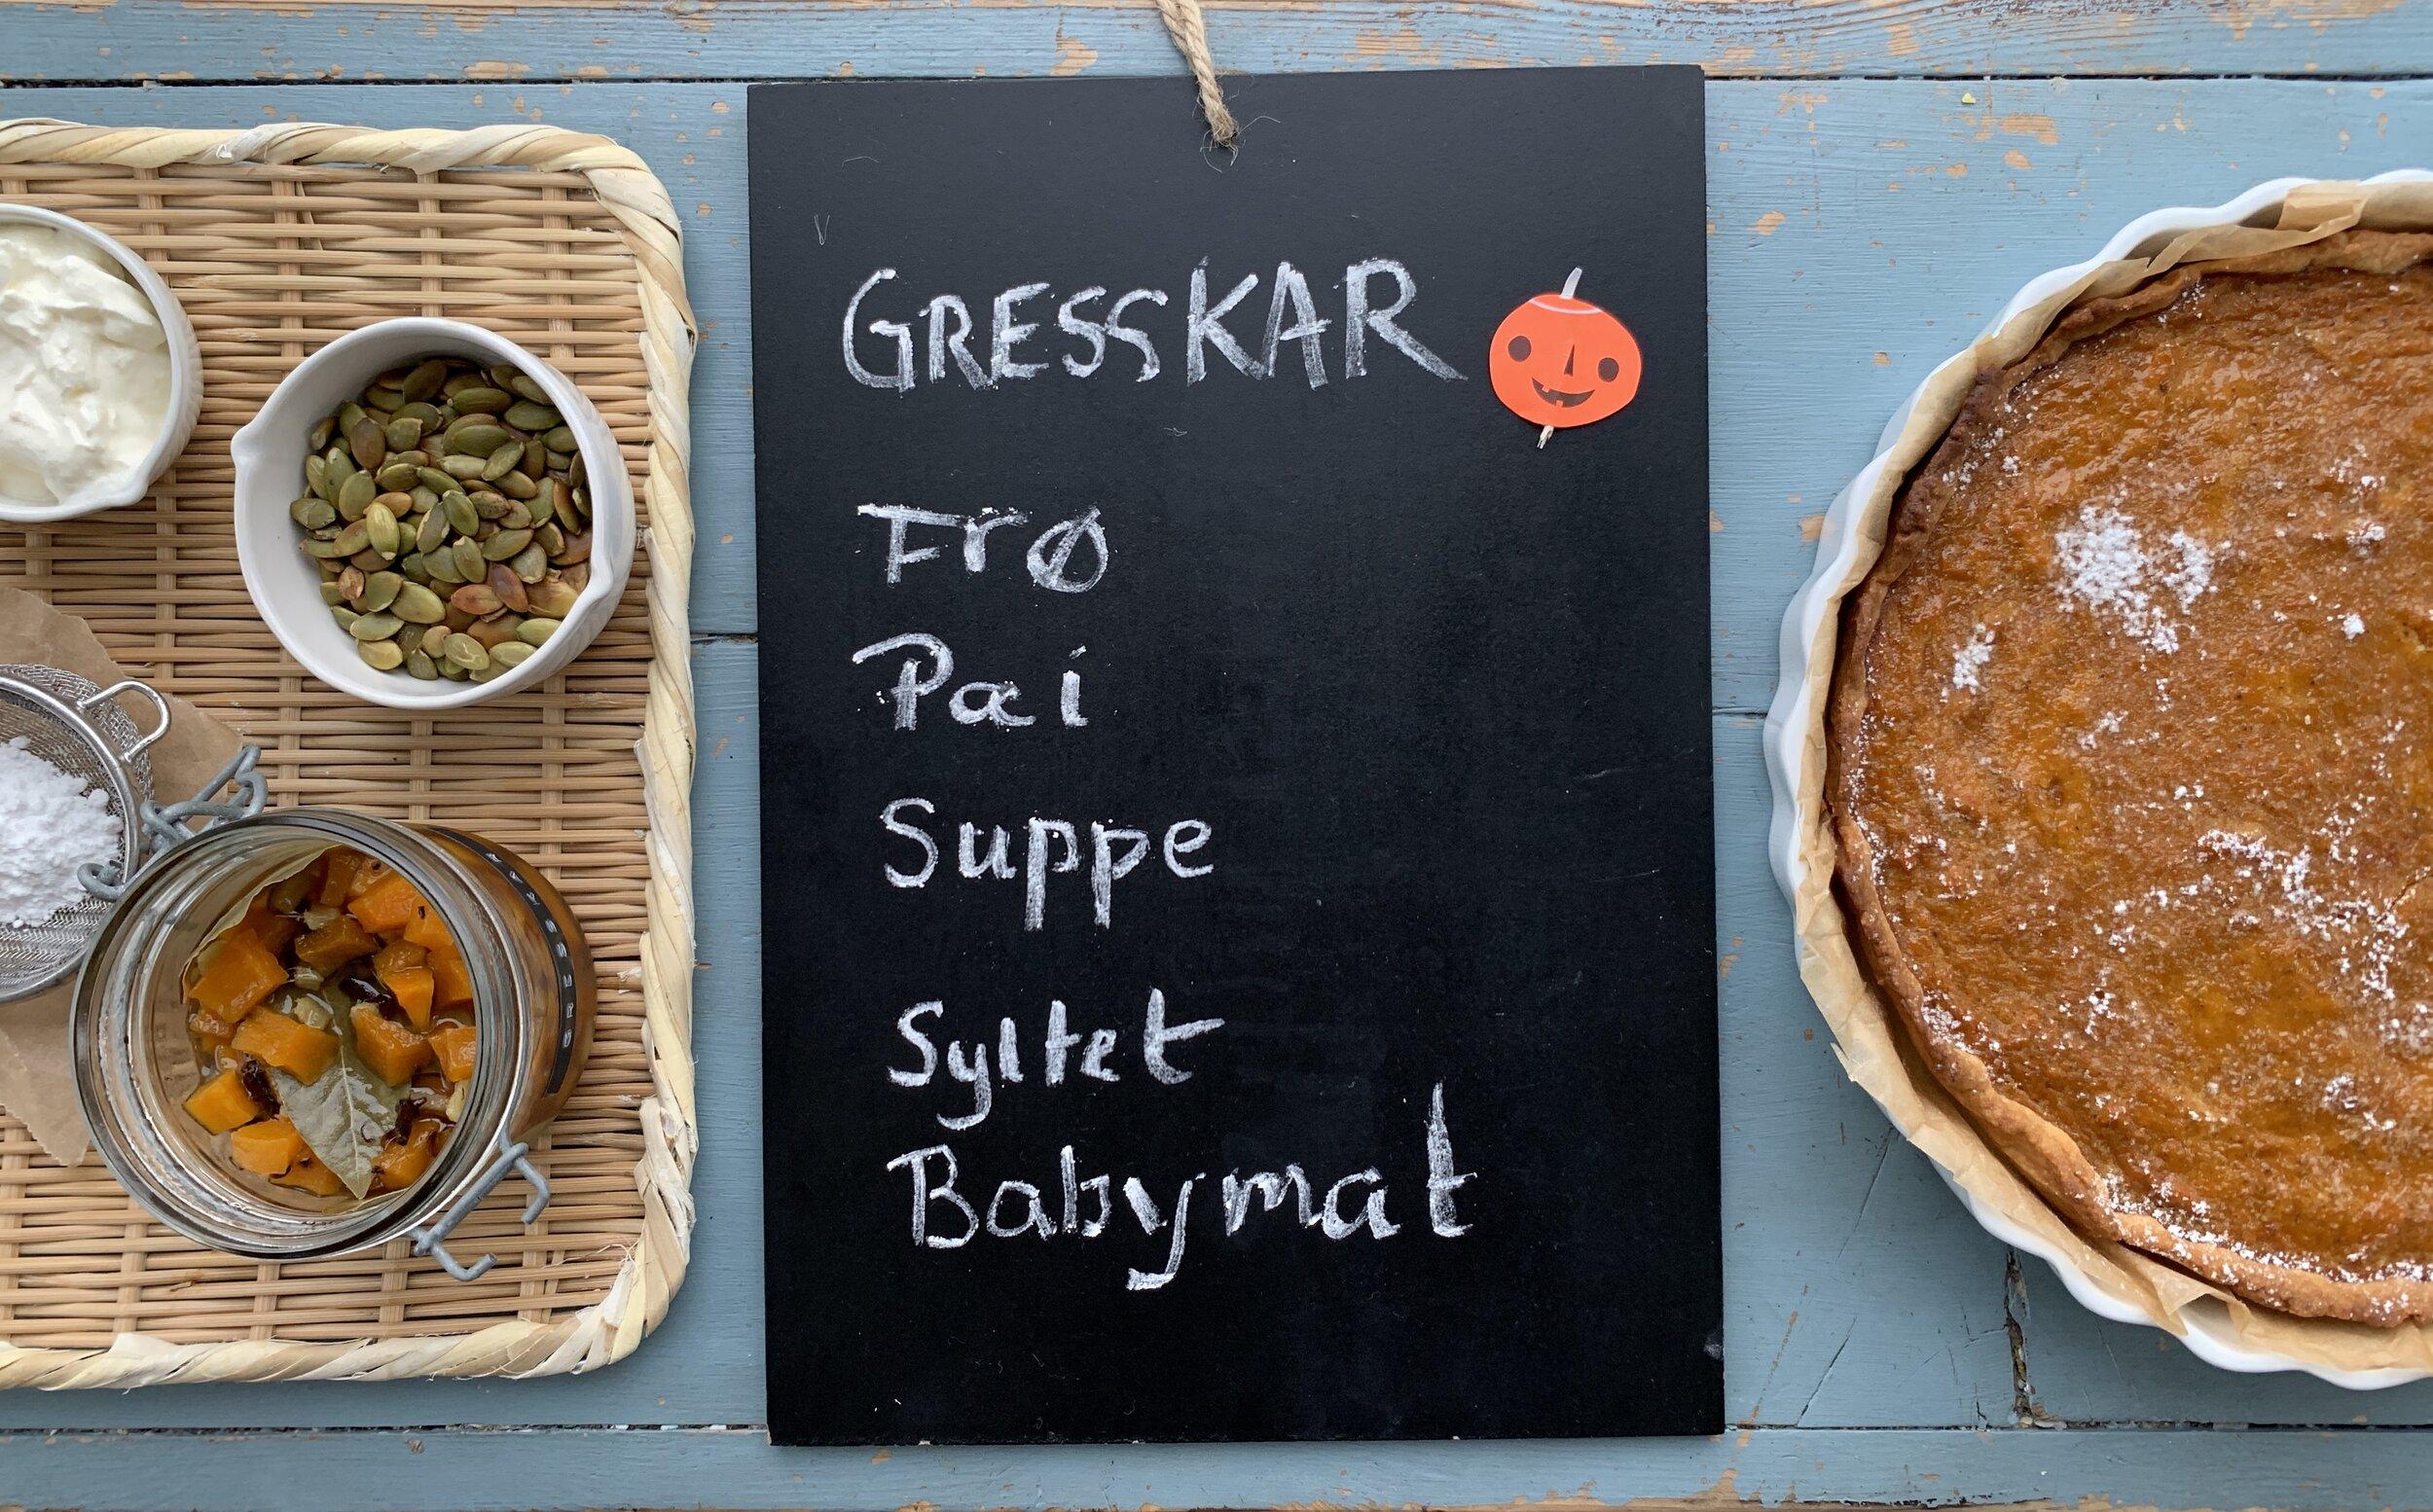 Gresskar er en takknemlig frukt å lage mat med. Den milde og runde smaken gjør at den egner seg perfekt i alt fra babymat til kaker.